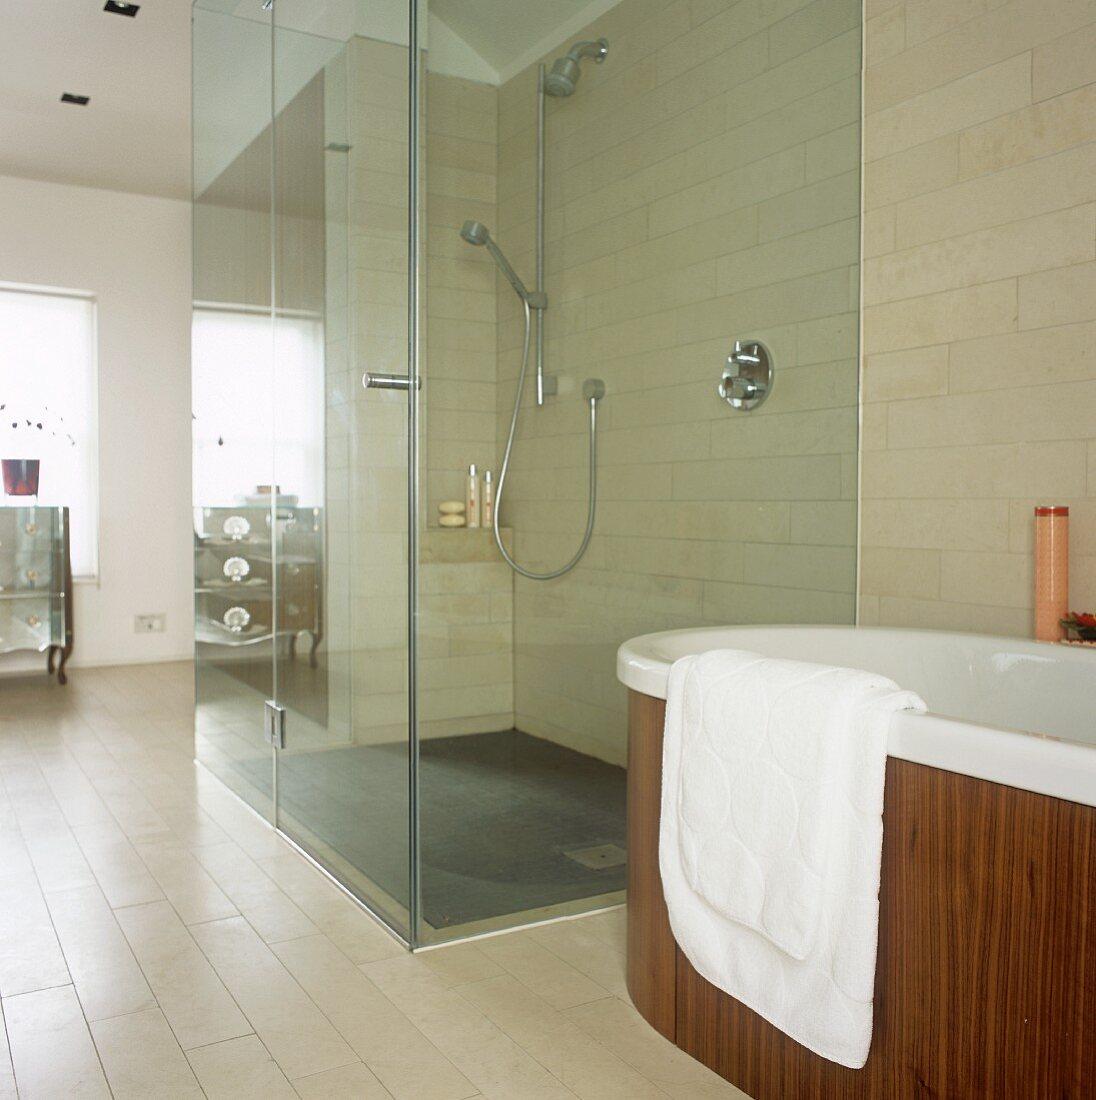 Begehbare Dusche mit Glaswand neben … – Bild kaufen – 20 ...